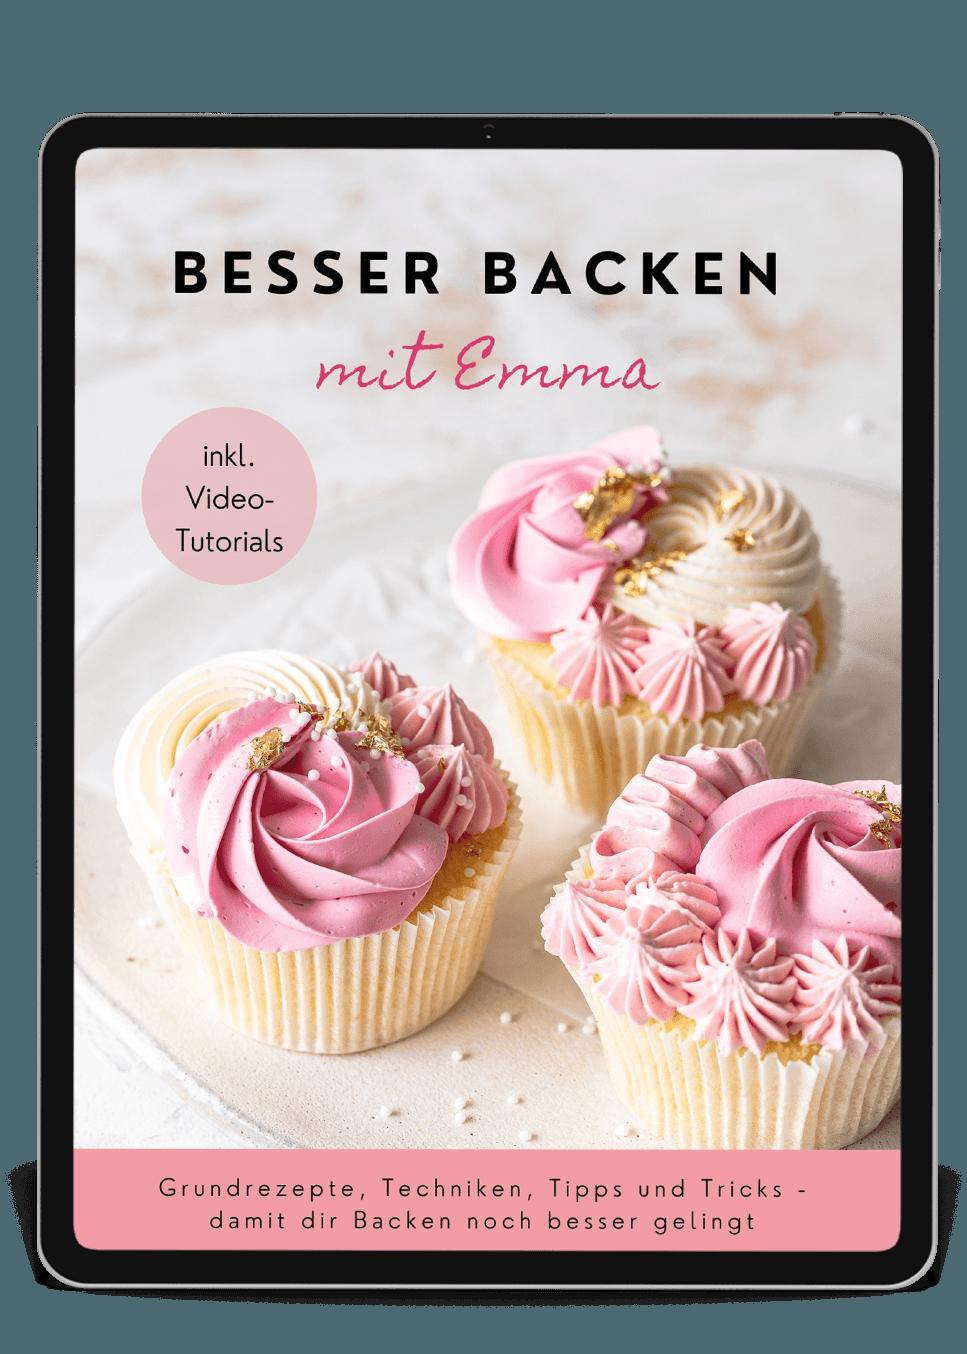 Besser Backen Ebook mit Emma. Grundrezepte, Techniken, Tipps und Tricks. Backen kann so einfach sein. Emmas Lieblingsstücke